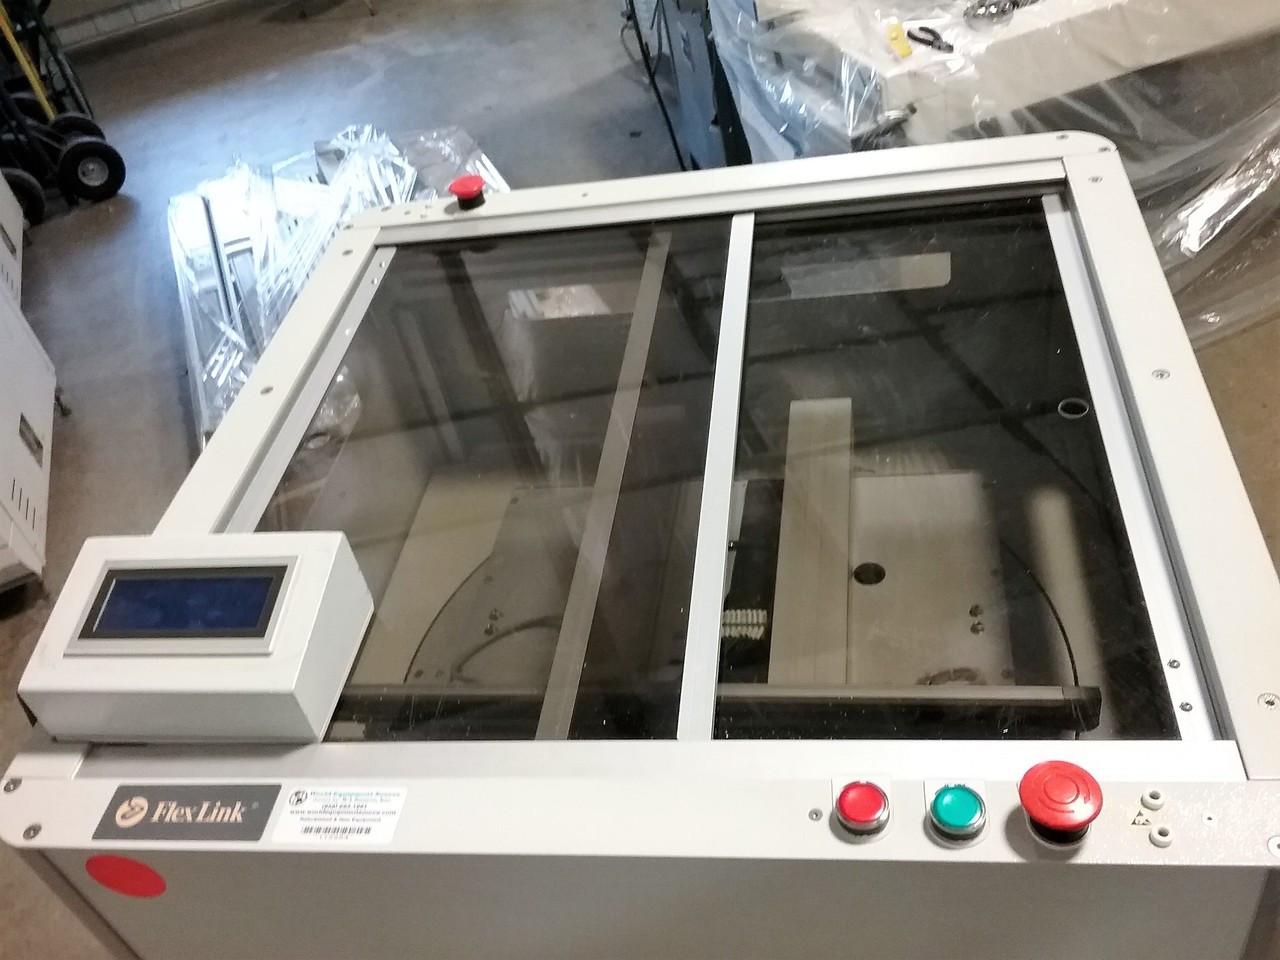 Flexlink F1600 Turn Conveyor (160912)3